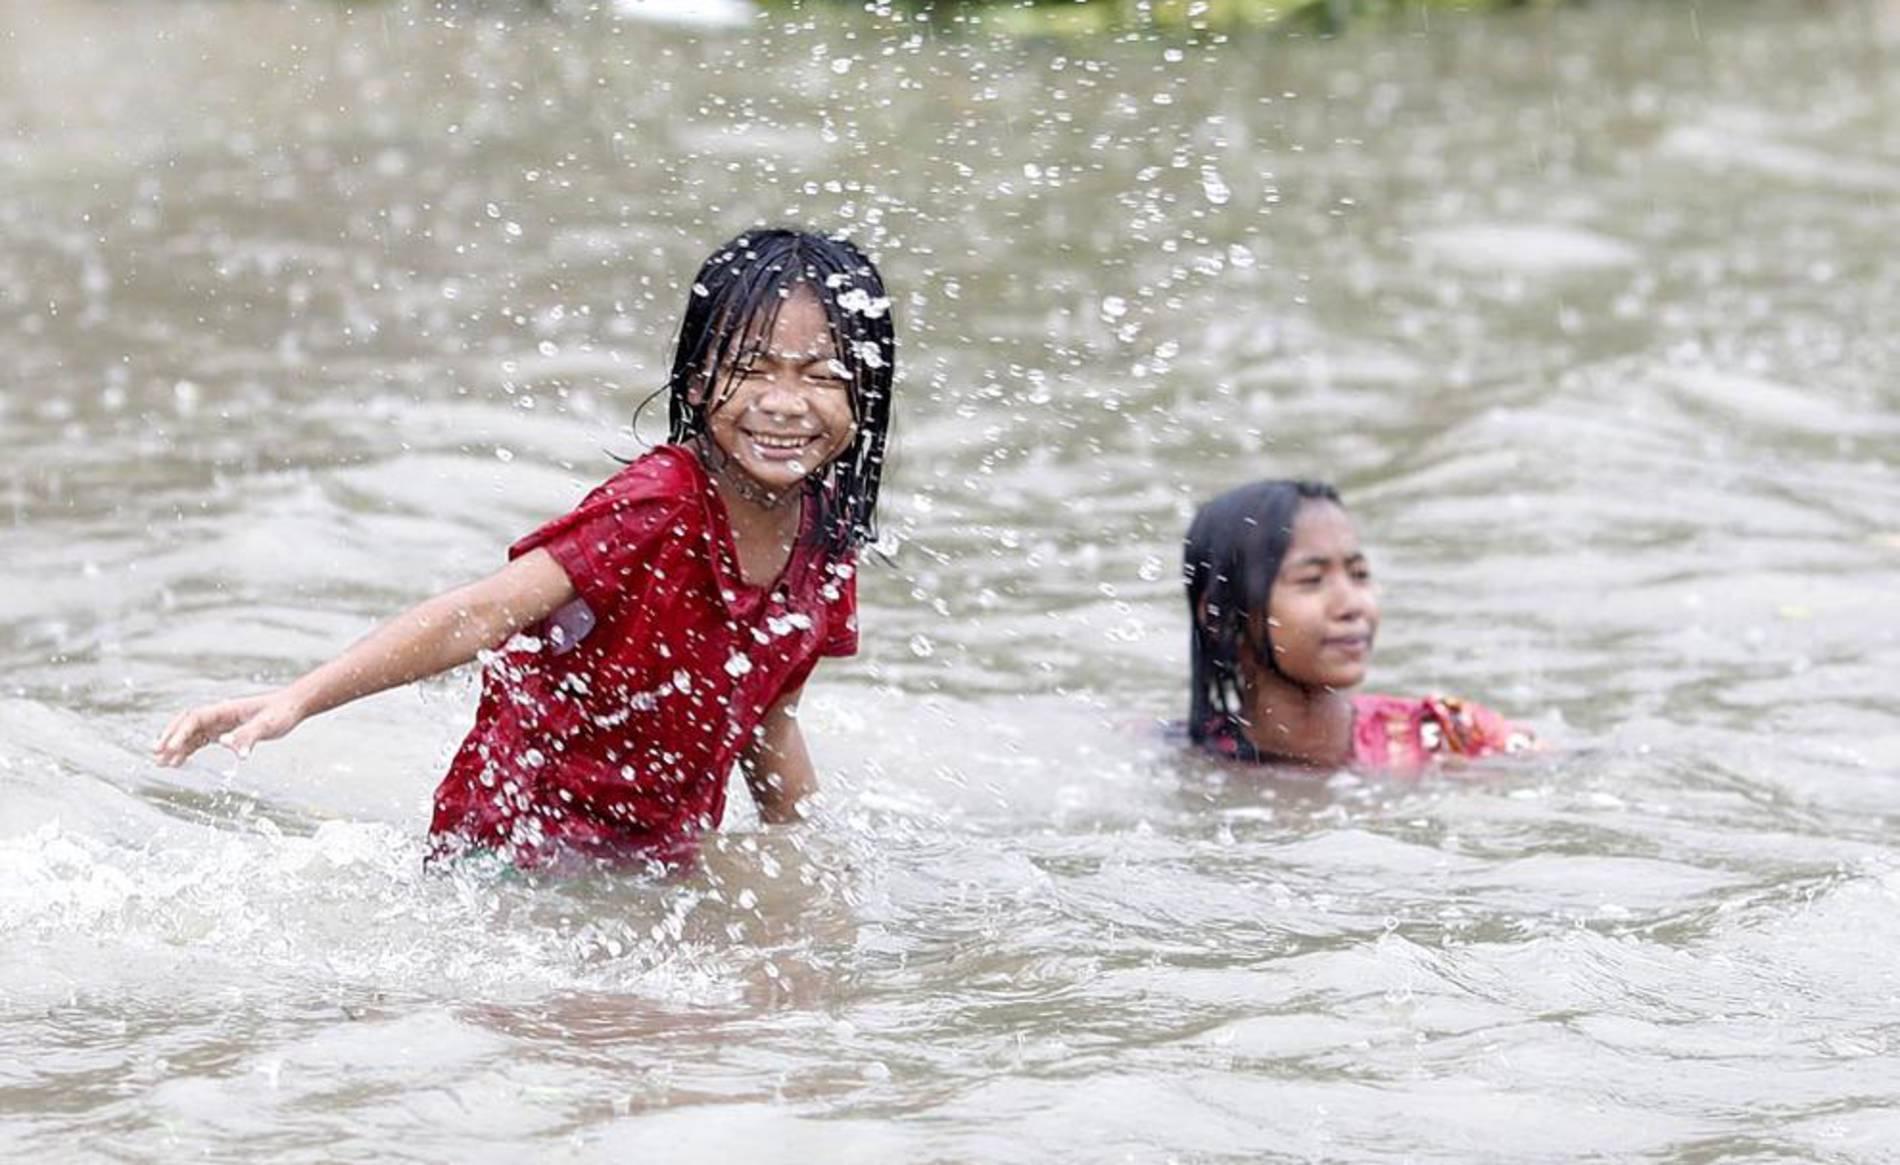 Imágenes de las inundaciones en la ciudad de Bago en Myanmar (Birmania)